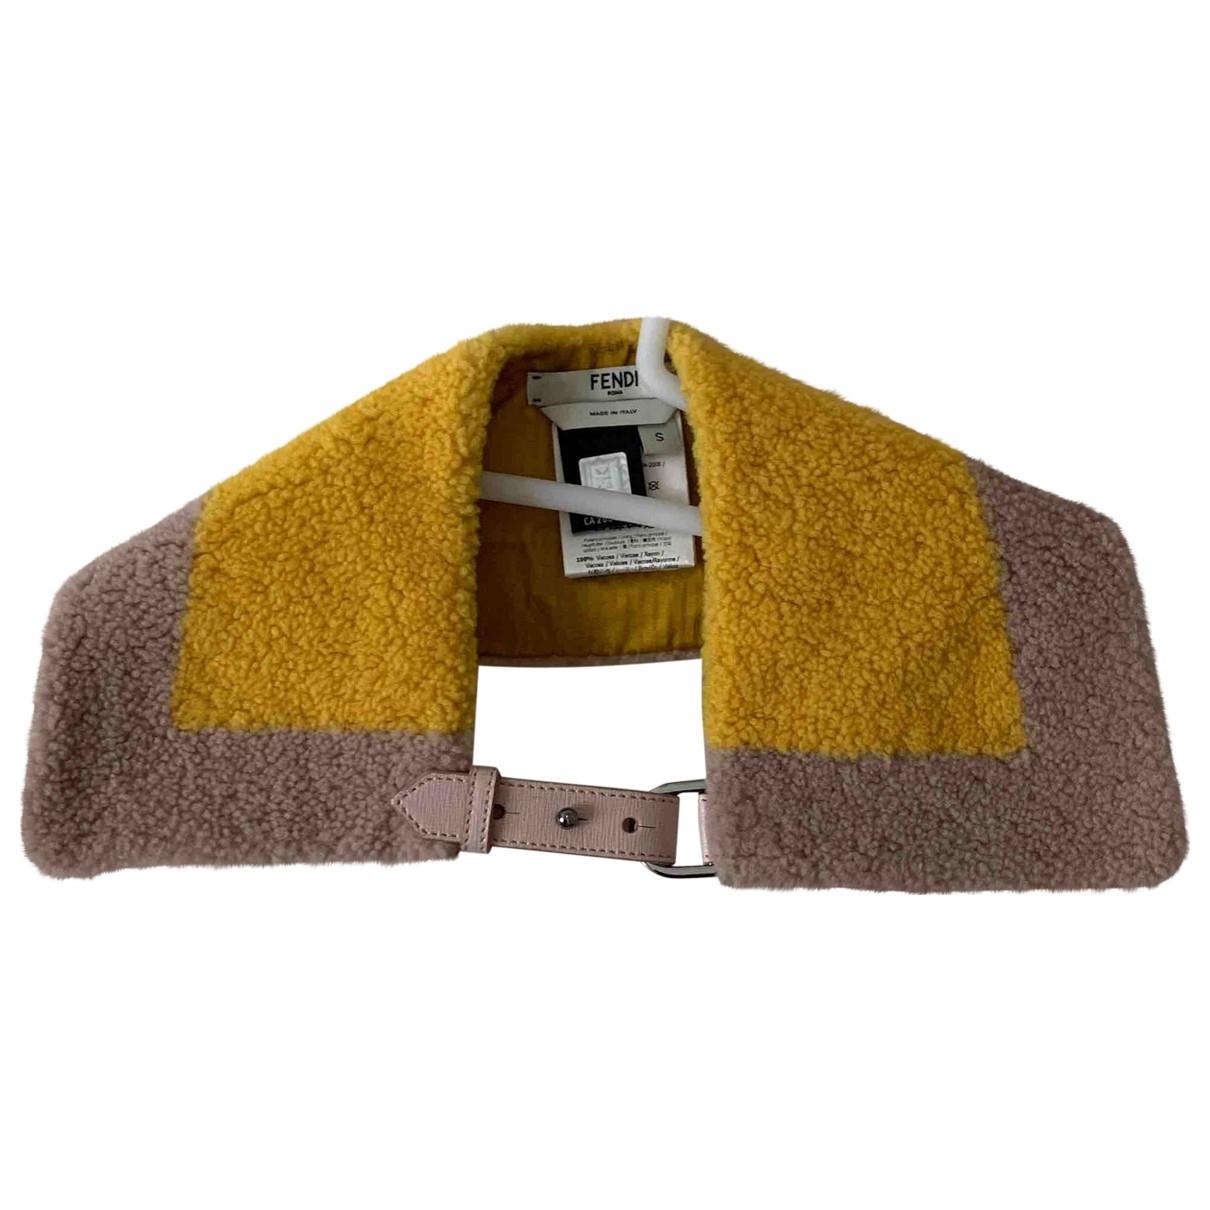 Fendi \N Yellow scarf for Women \N